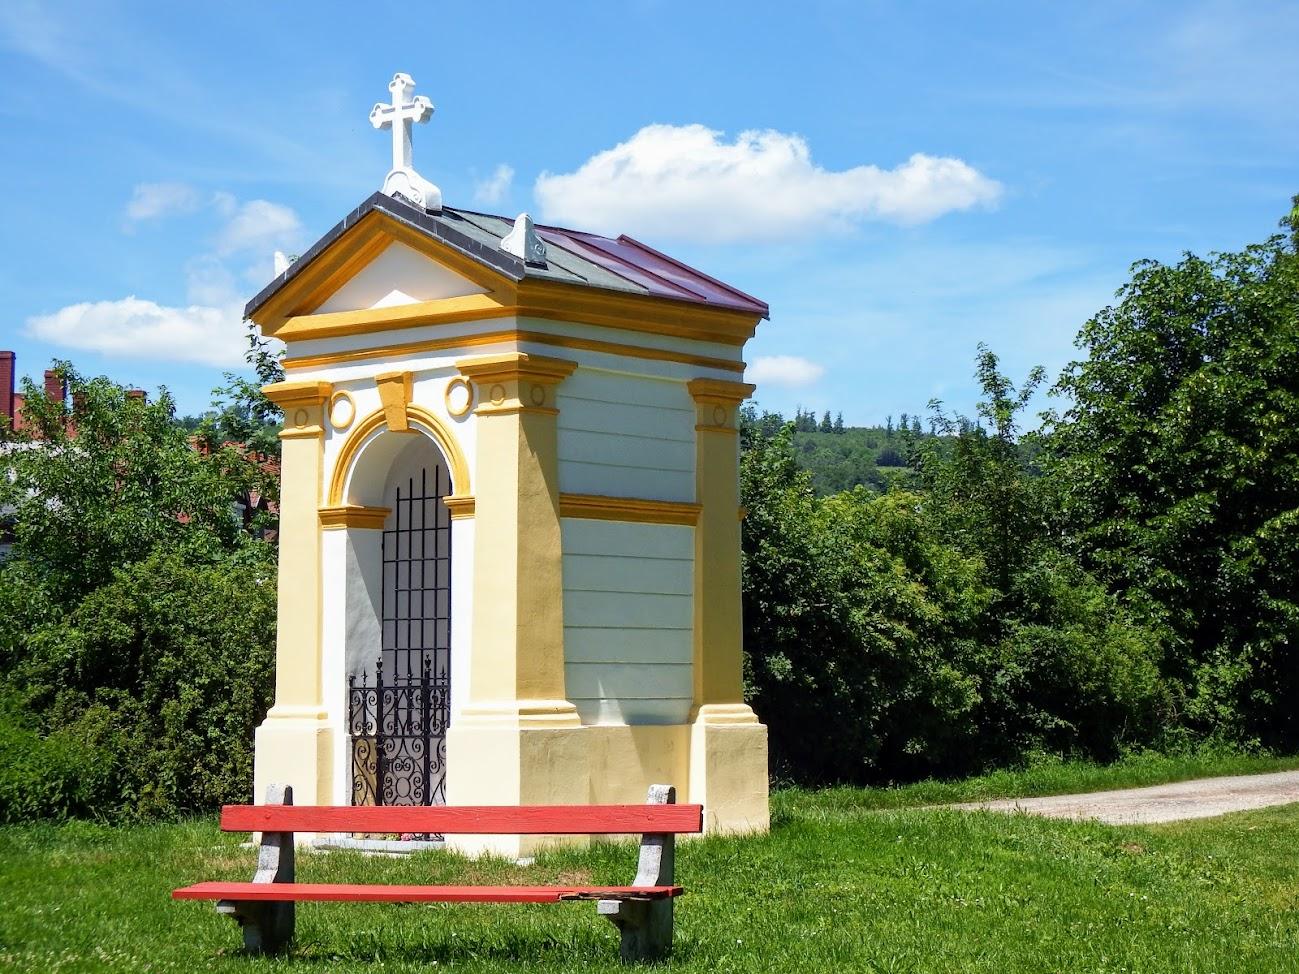 Kőszeg - Mária-szobor (kiskápolna)